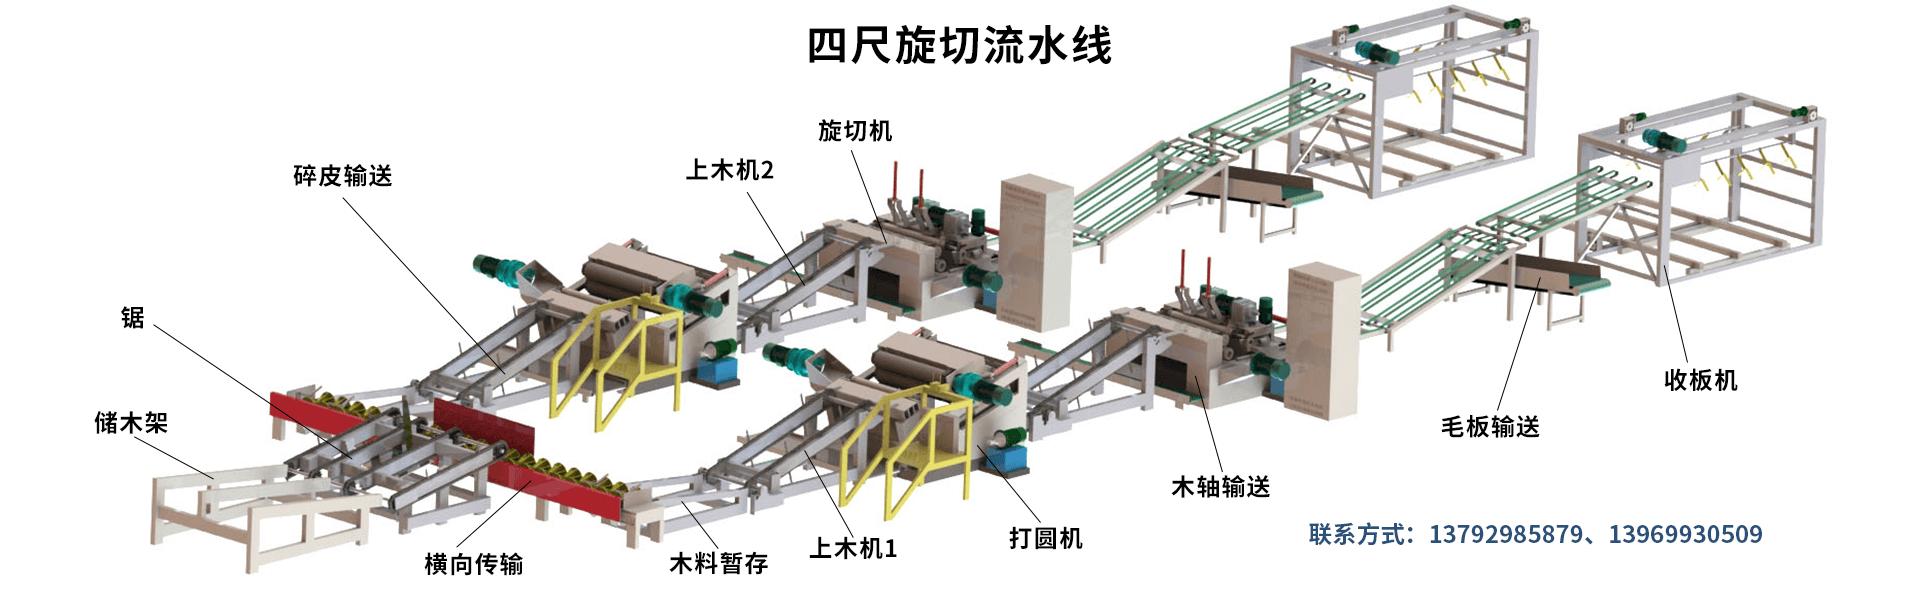 旋切流水線,液壓打圓機,數控旋切機,滾筒式烘幹機設備廠家,臨沂群山機械有限公司